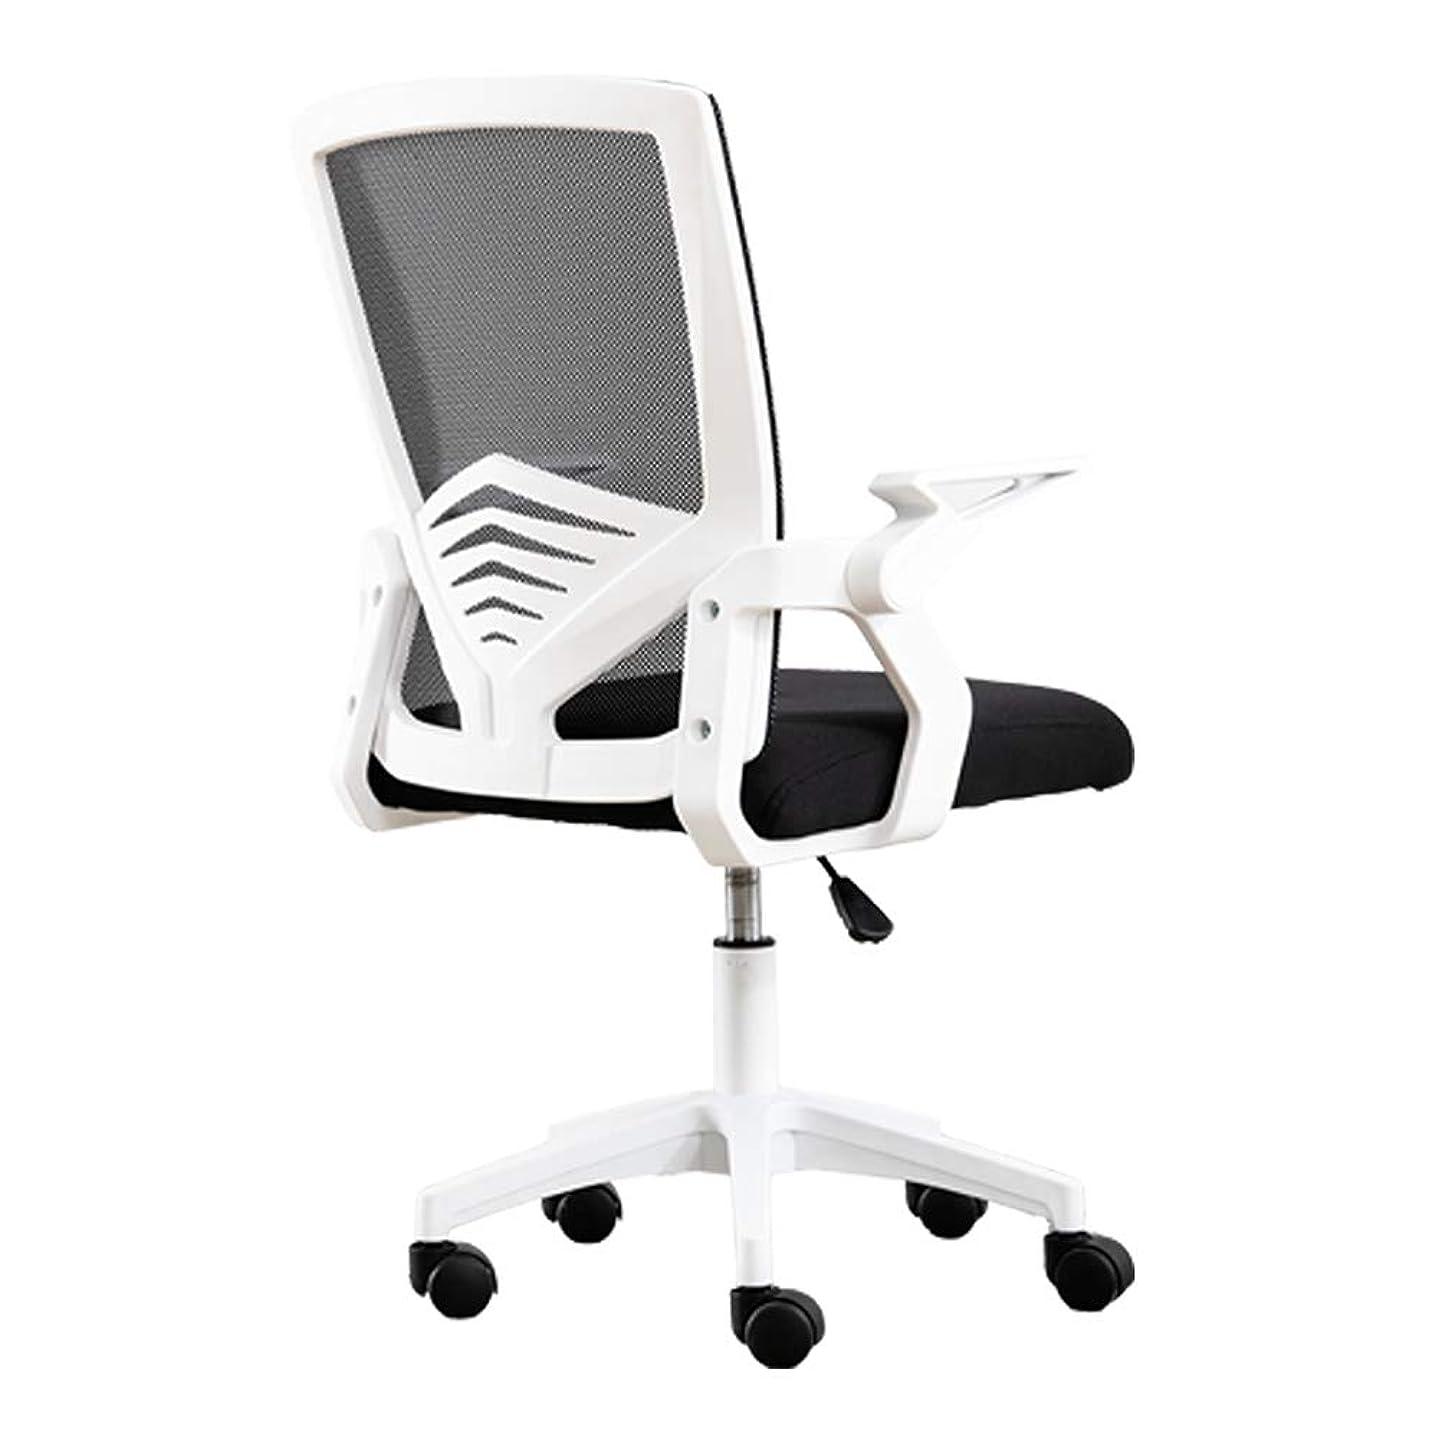 バーガー電子レンジビヨン人間工学に基づいたオフィスチェア、120度傾斜可能、調整可能な背もたれ/シートクッション/ヘッドレスト/アームレスト、効率的な作業用回転チェア